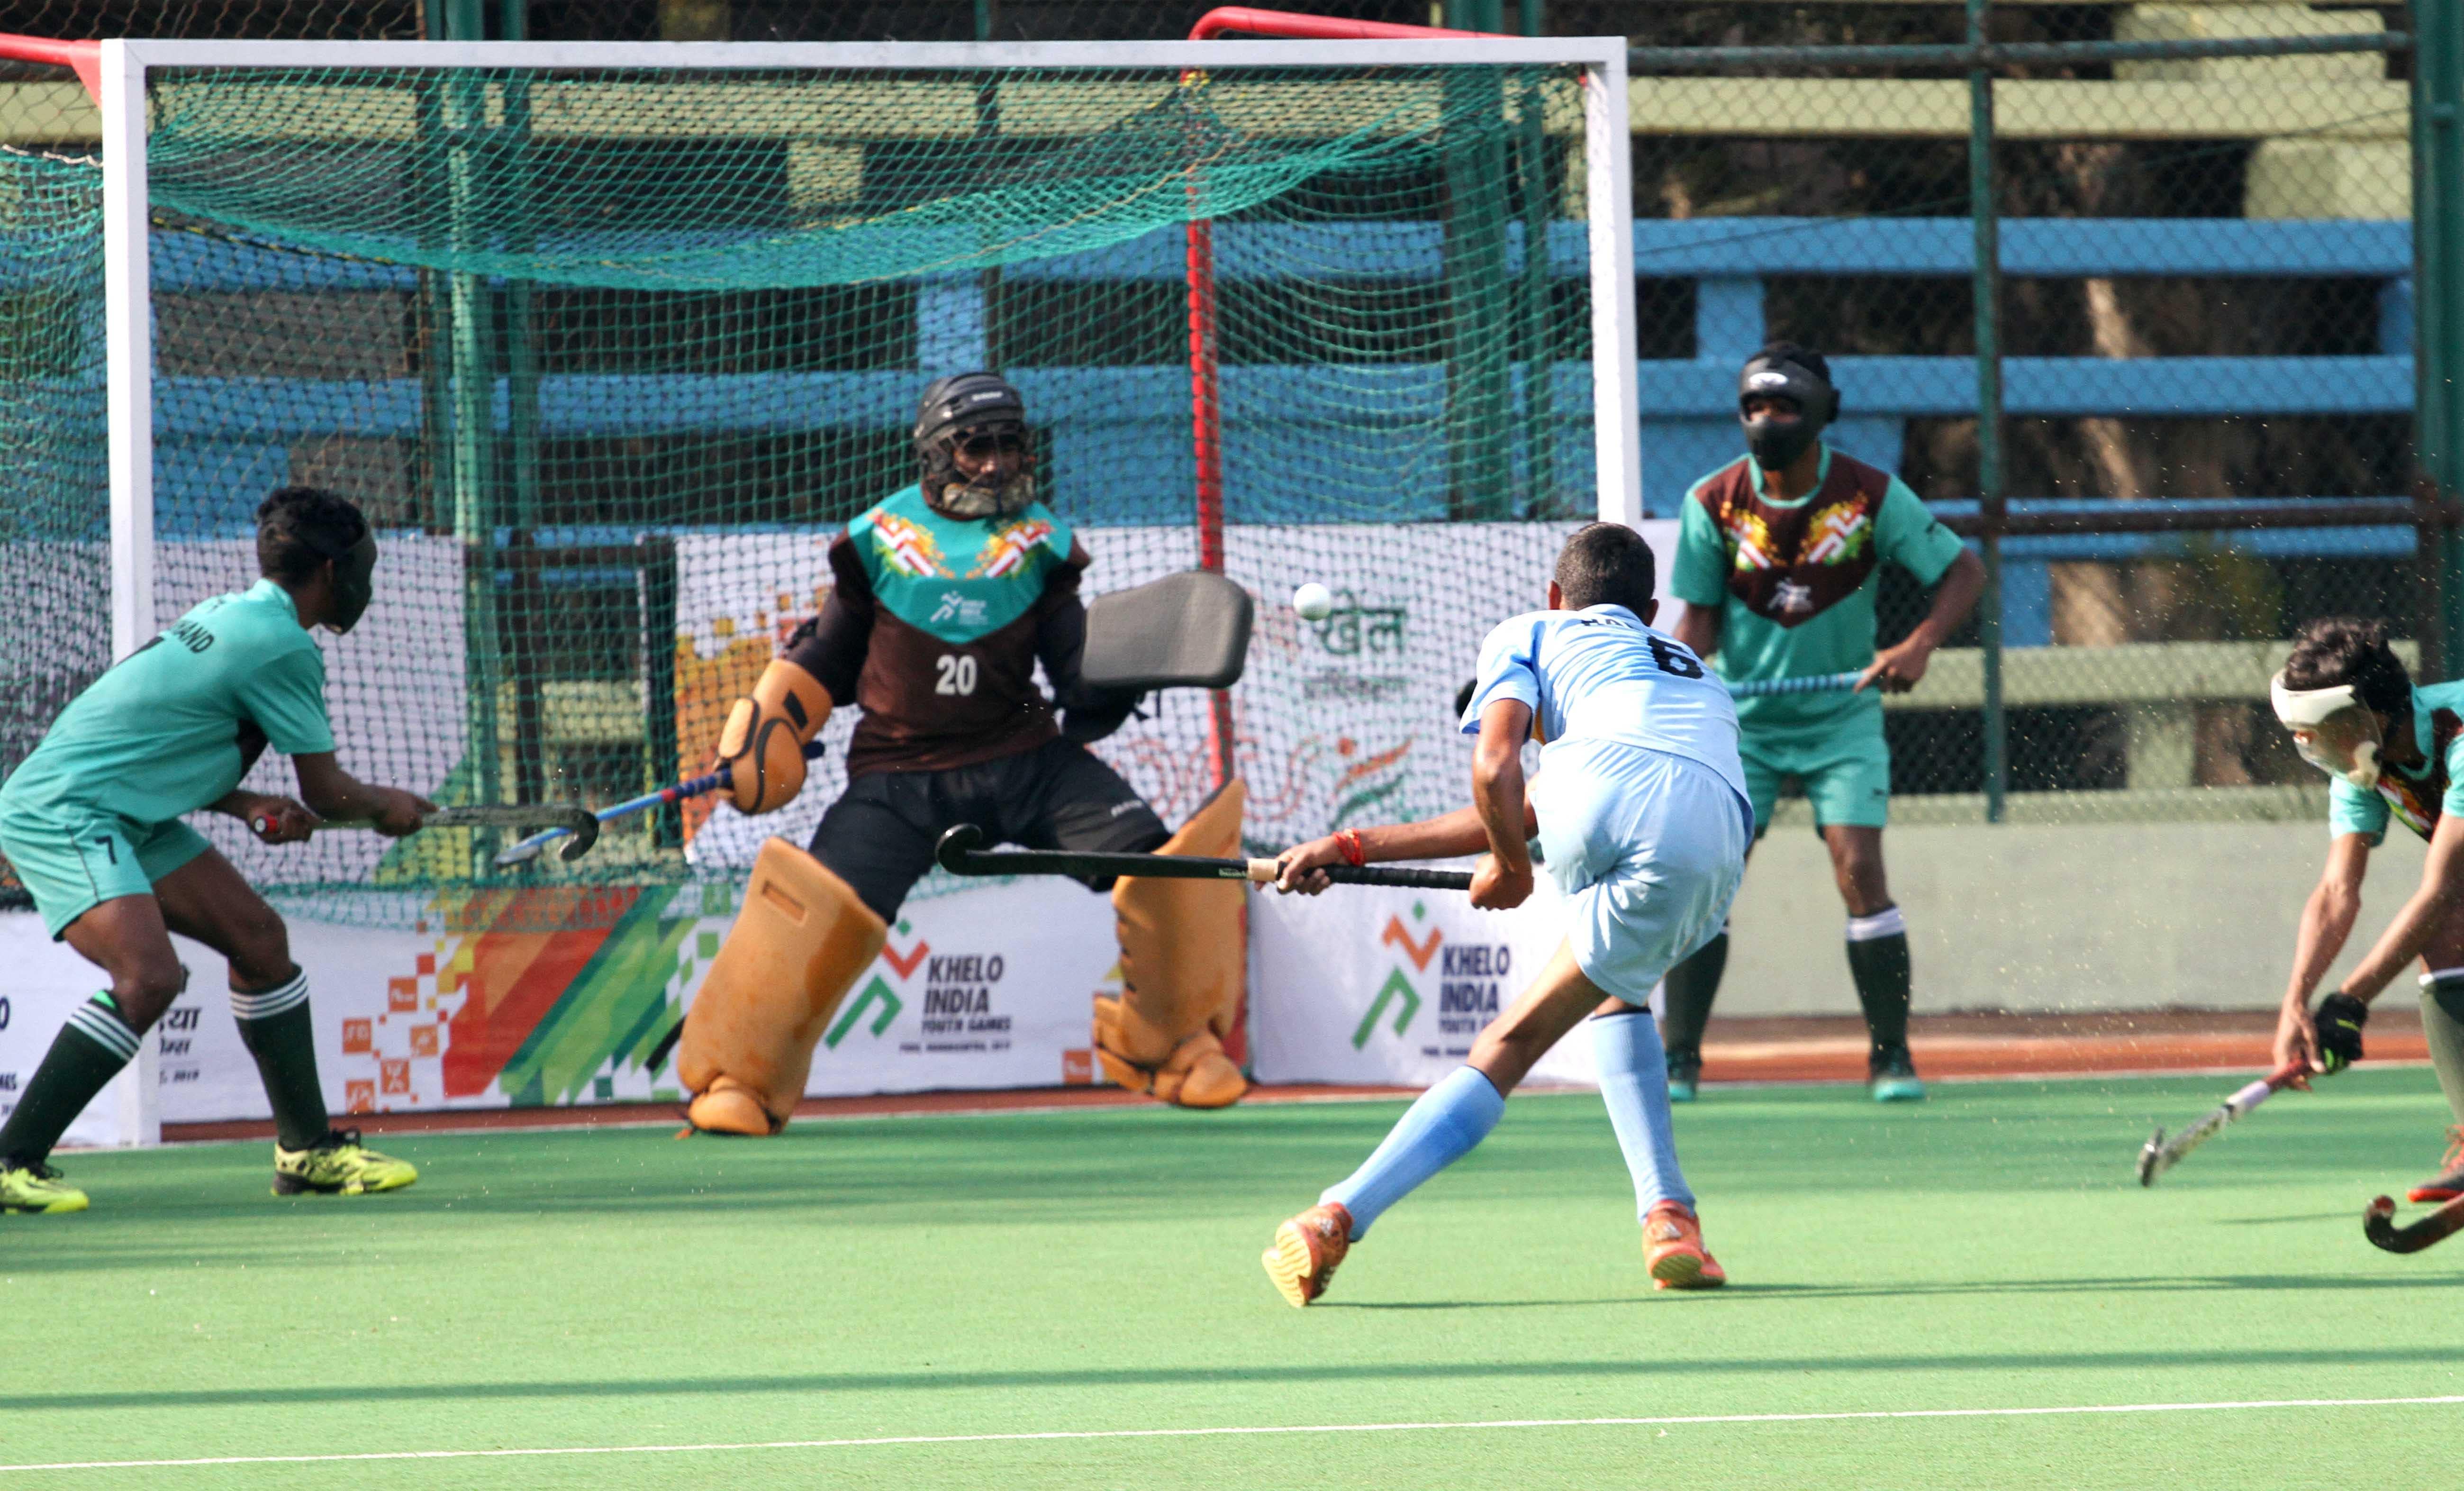 haryana-03-min-1547621774.JPG